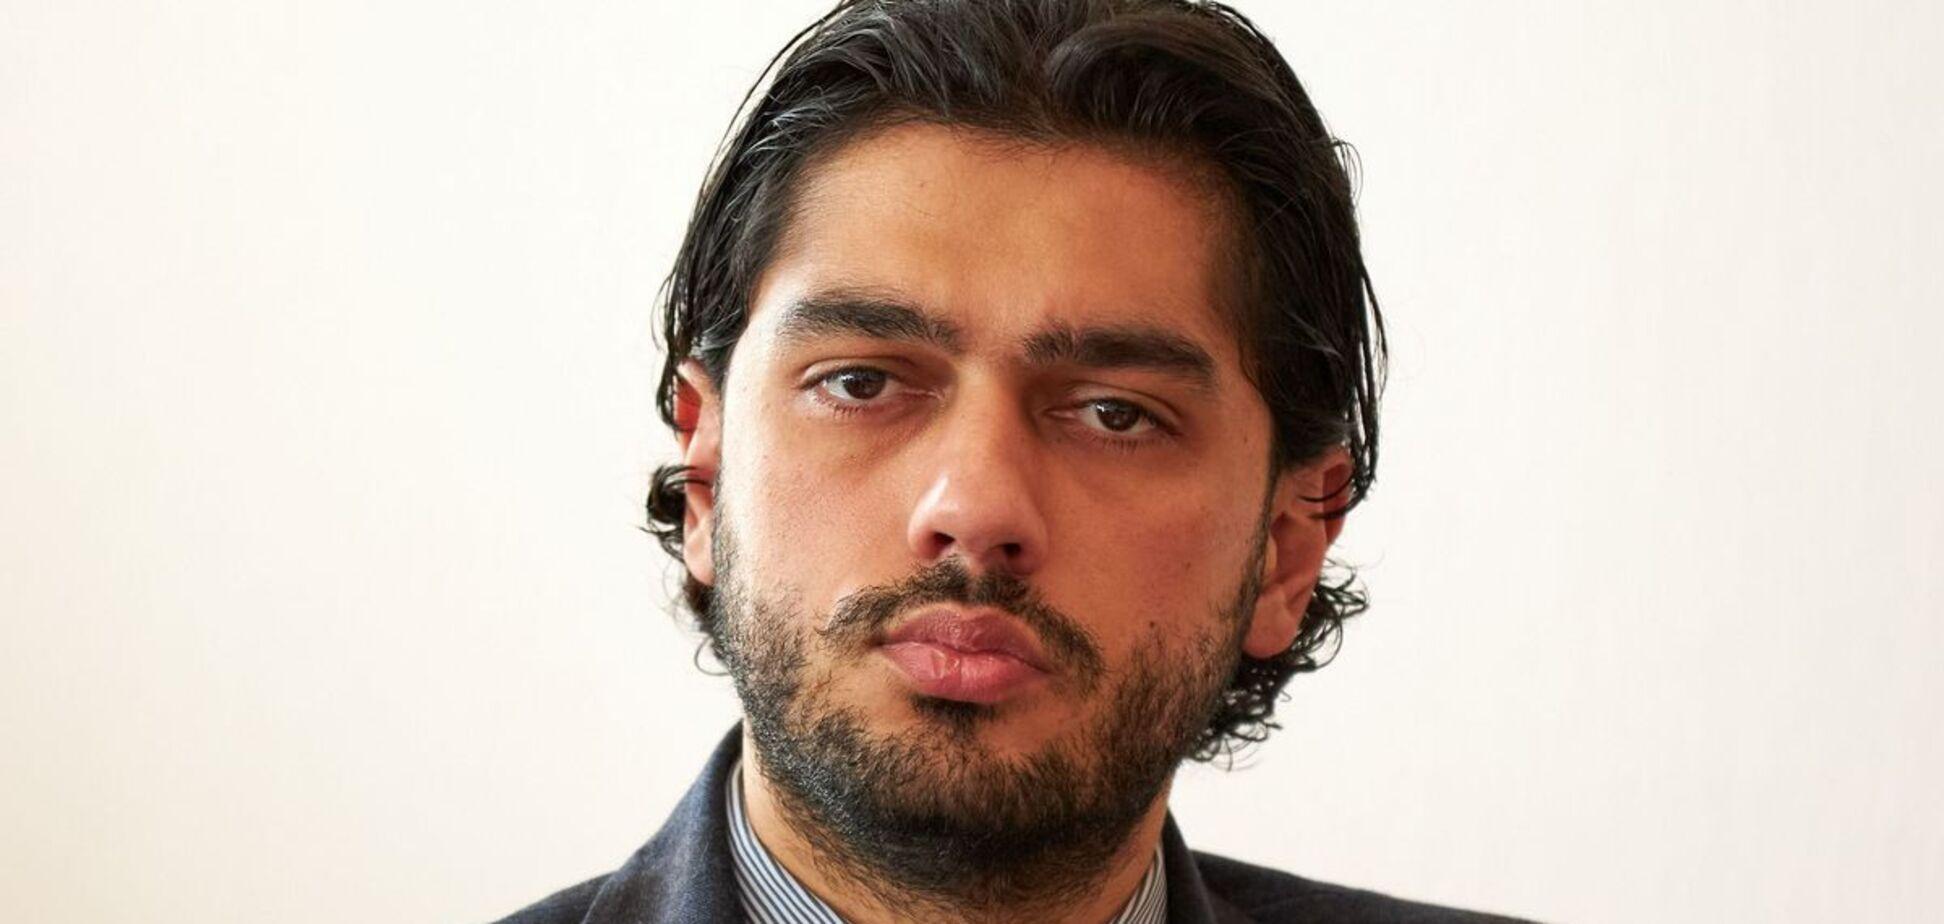 Гео Лерос заявил, что будет бороться с 'режимом'